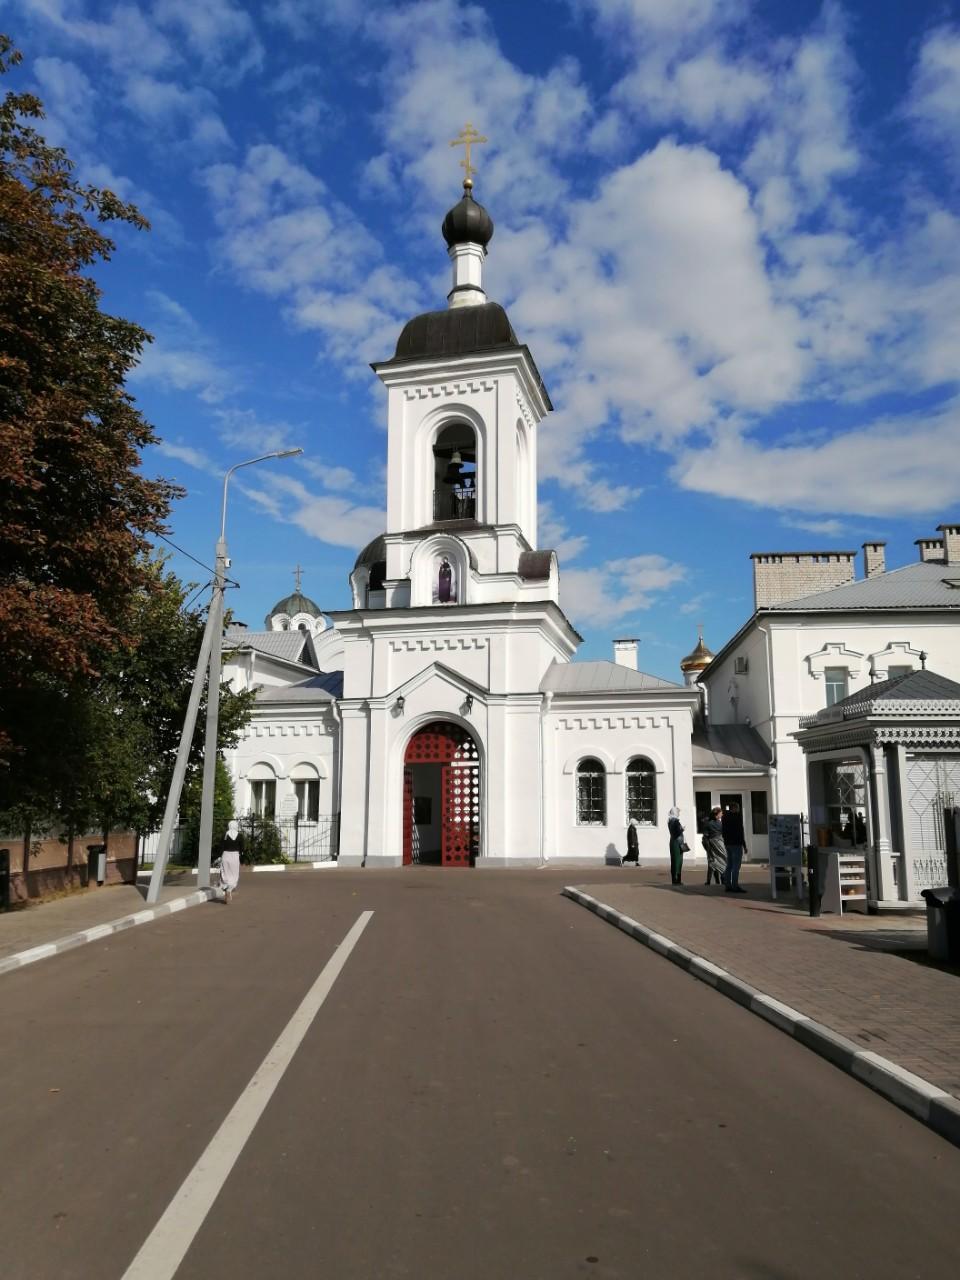 image 0 02 04 42466af6abfb787c33e0e46dcf83395bf5254d61d049b6eb2b91dc10c4891775 V - Спасо-Евфросиниевский монастырь в Полоцке